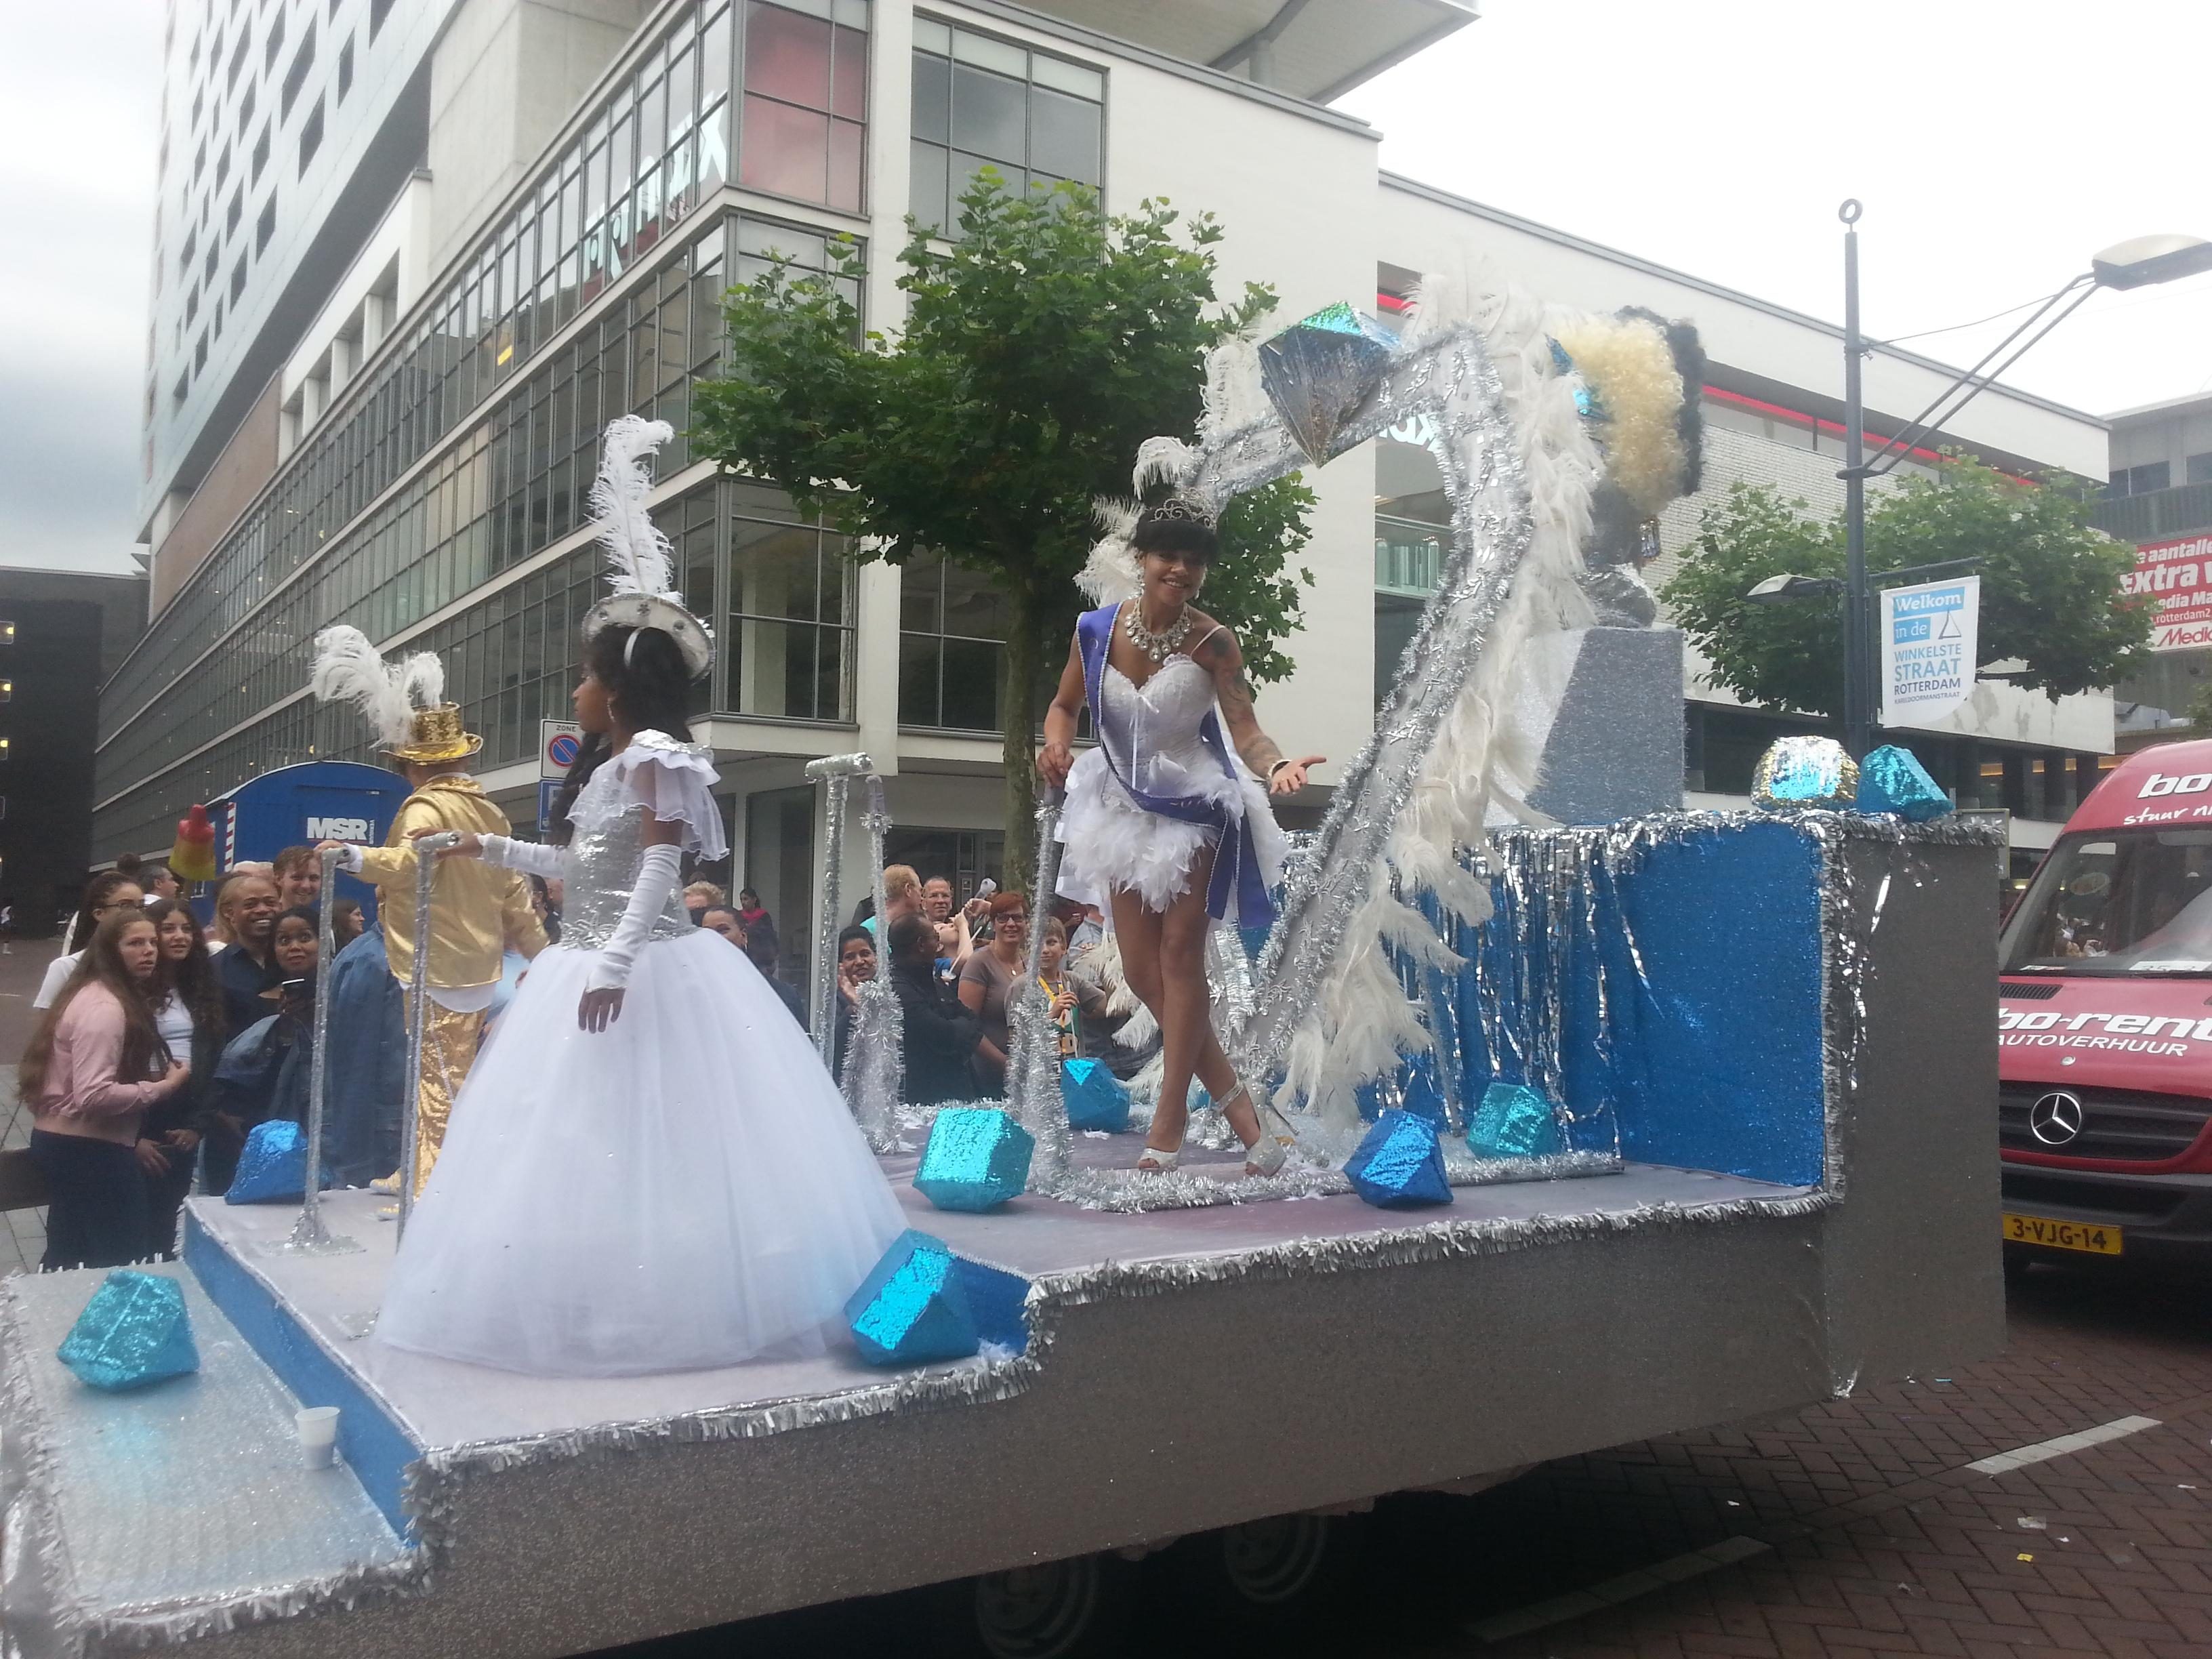 Rotterdam Summer Carnival 2016 (Street Parade)